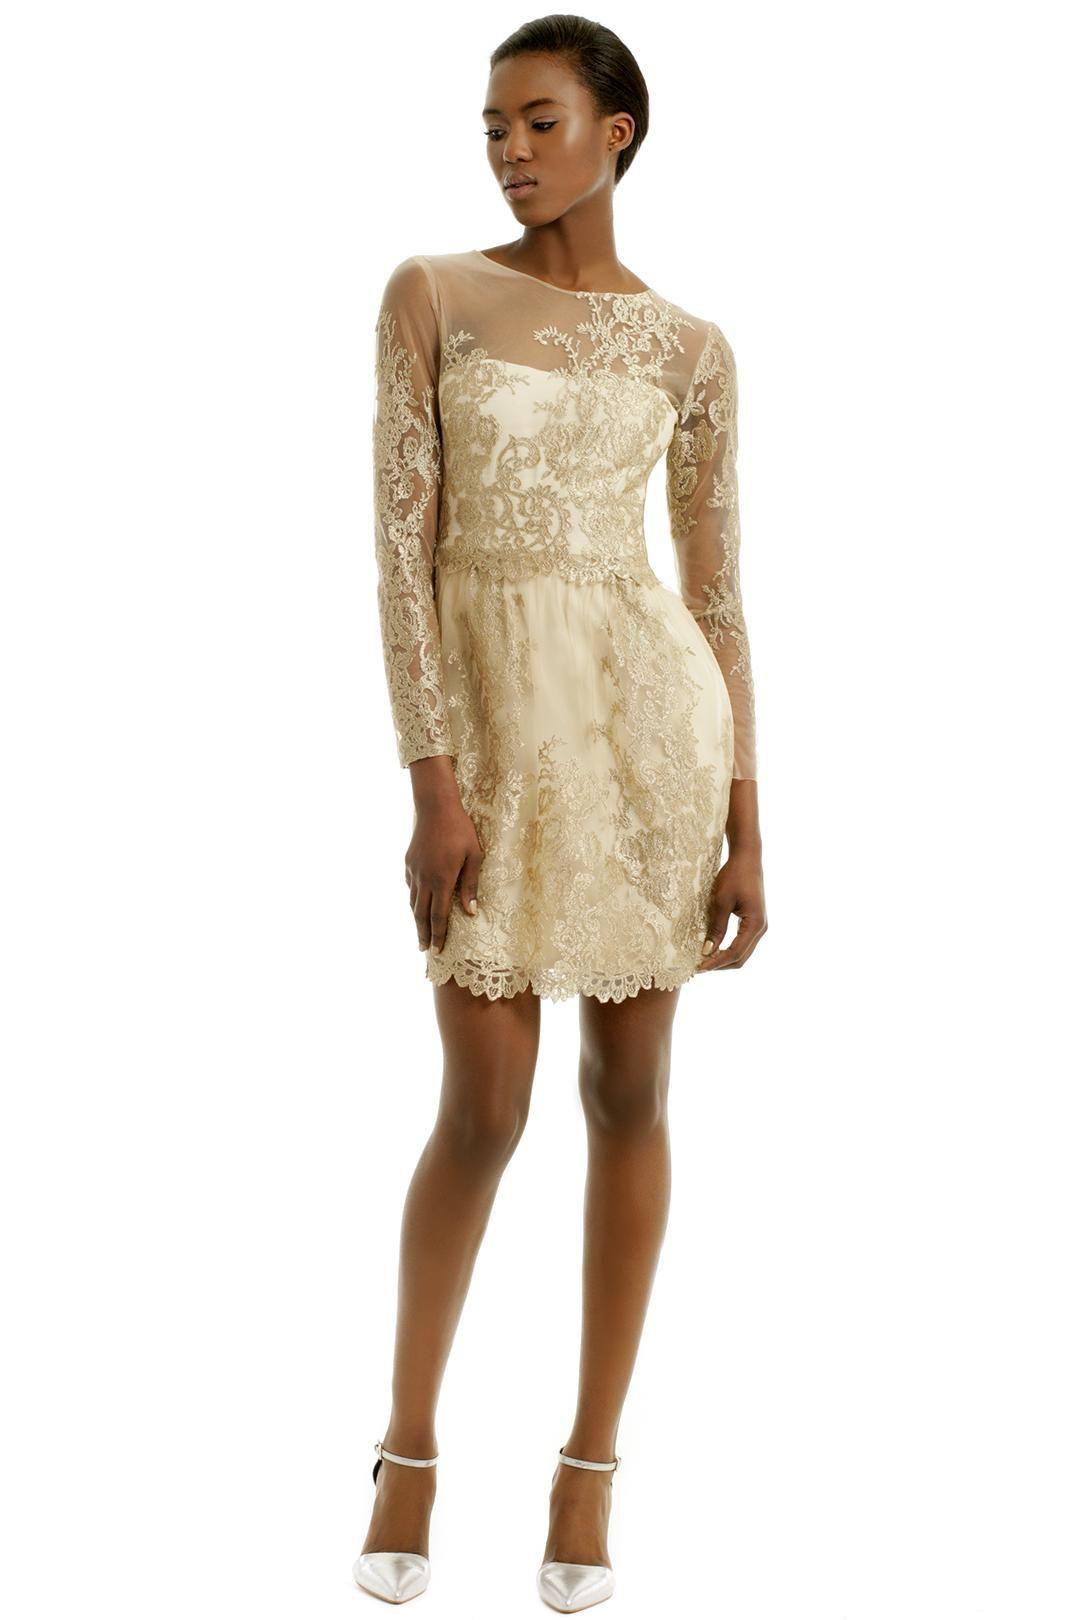 Beach wedding dresses for guest  Astor Dress  The Wedding Guest  Pinterest  Marchesa Wedding